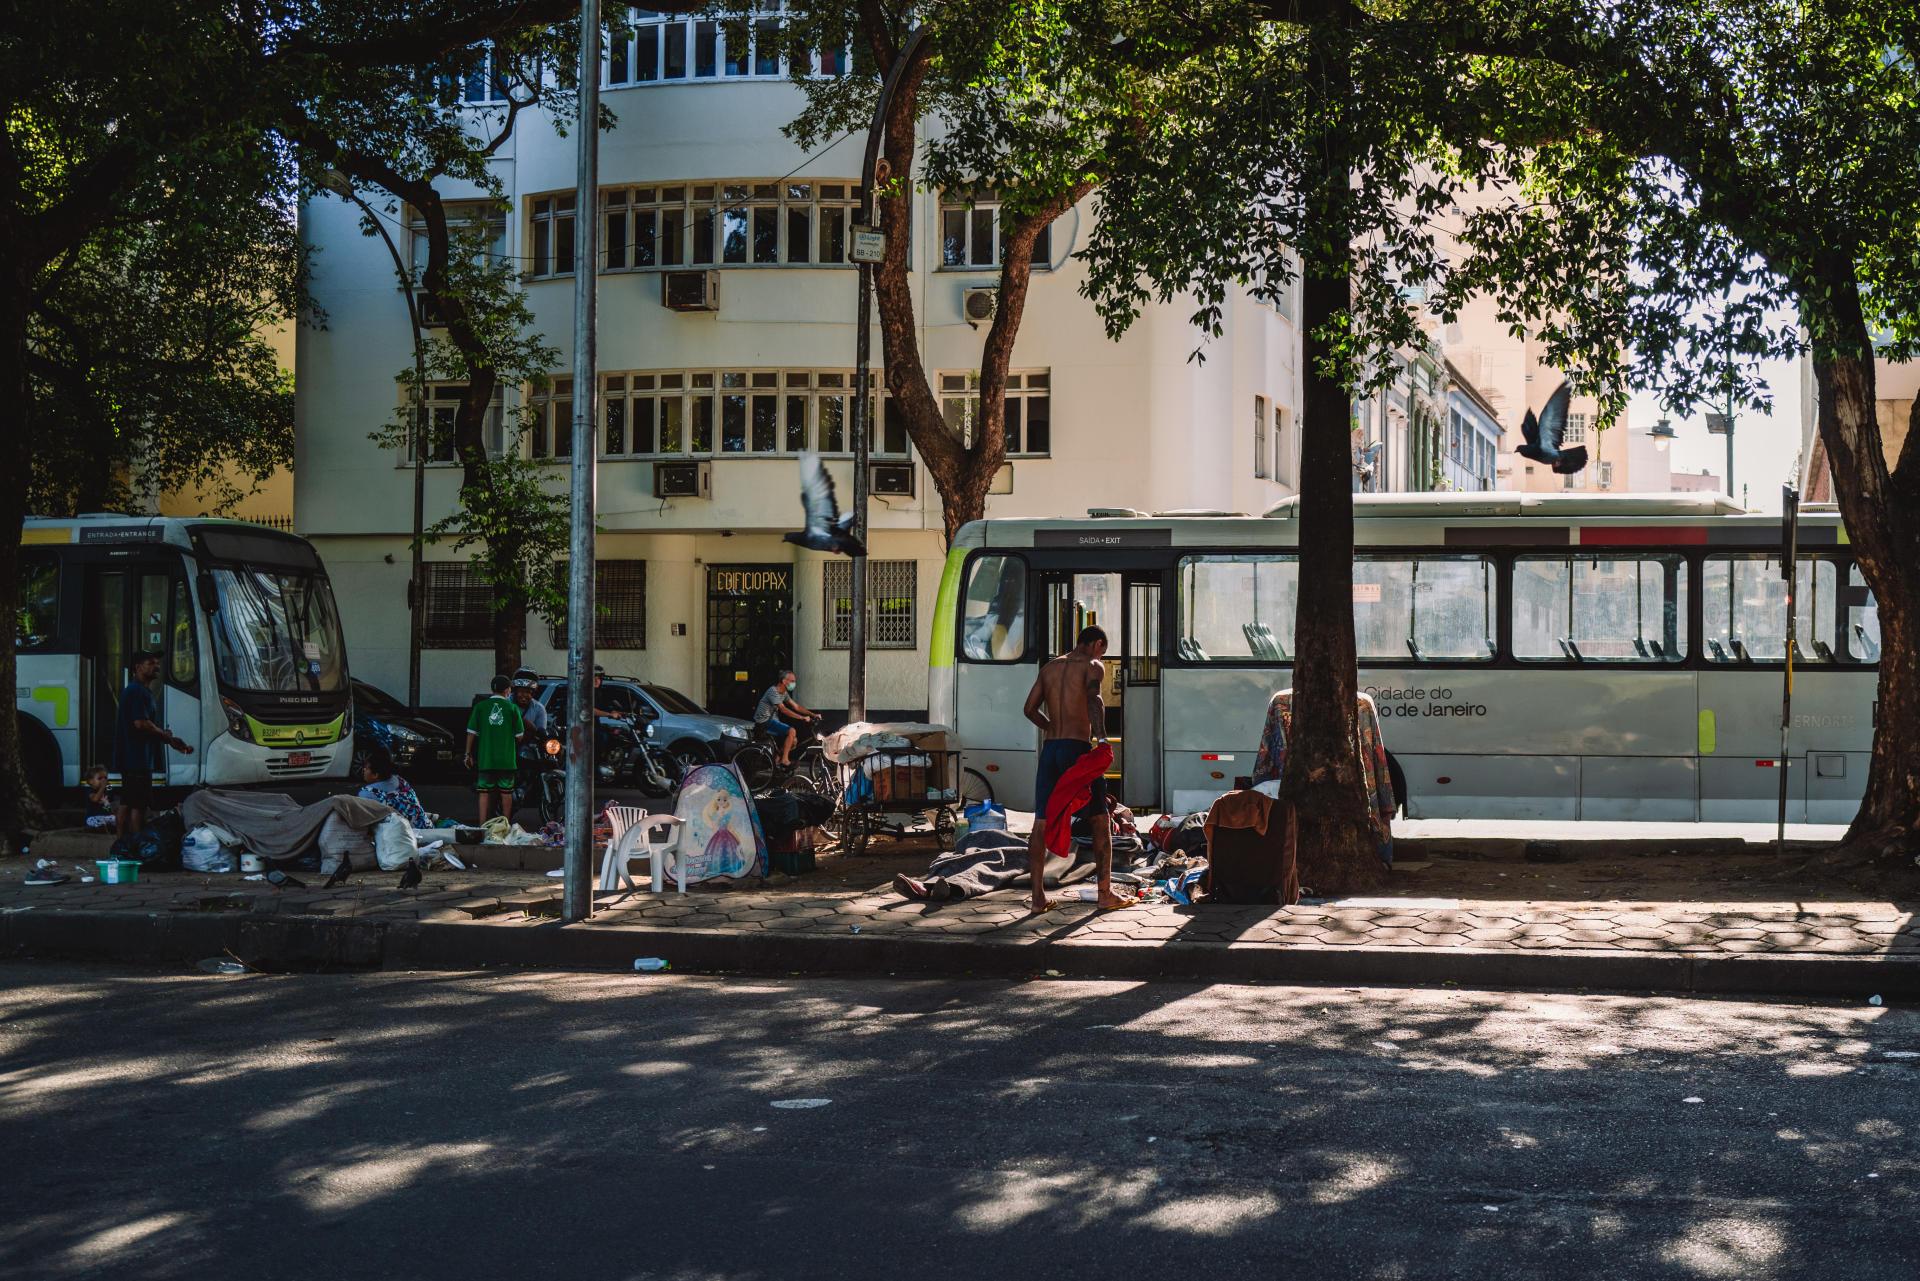 Une famille vivant dans la rue dans un camp de fortune sur l'Avenida Augusto Severo, dans le quartier de Gloria, au centre-ville de Rio de Janeiro (Brésil), le 24 septembre 2021.